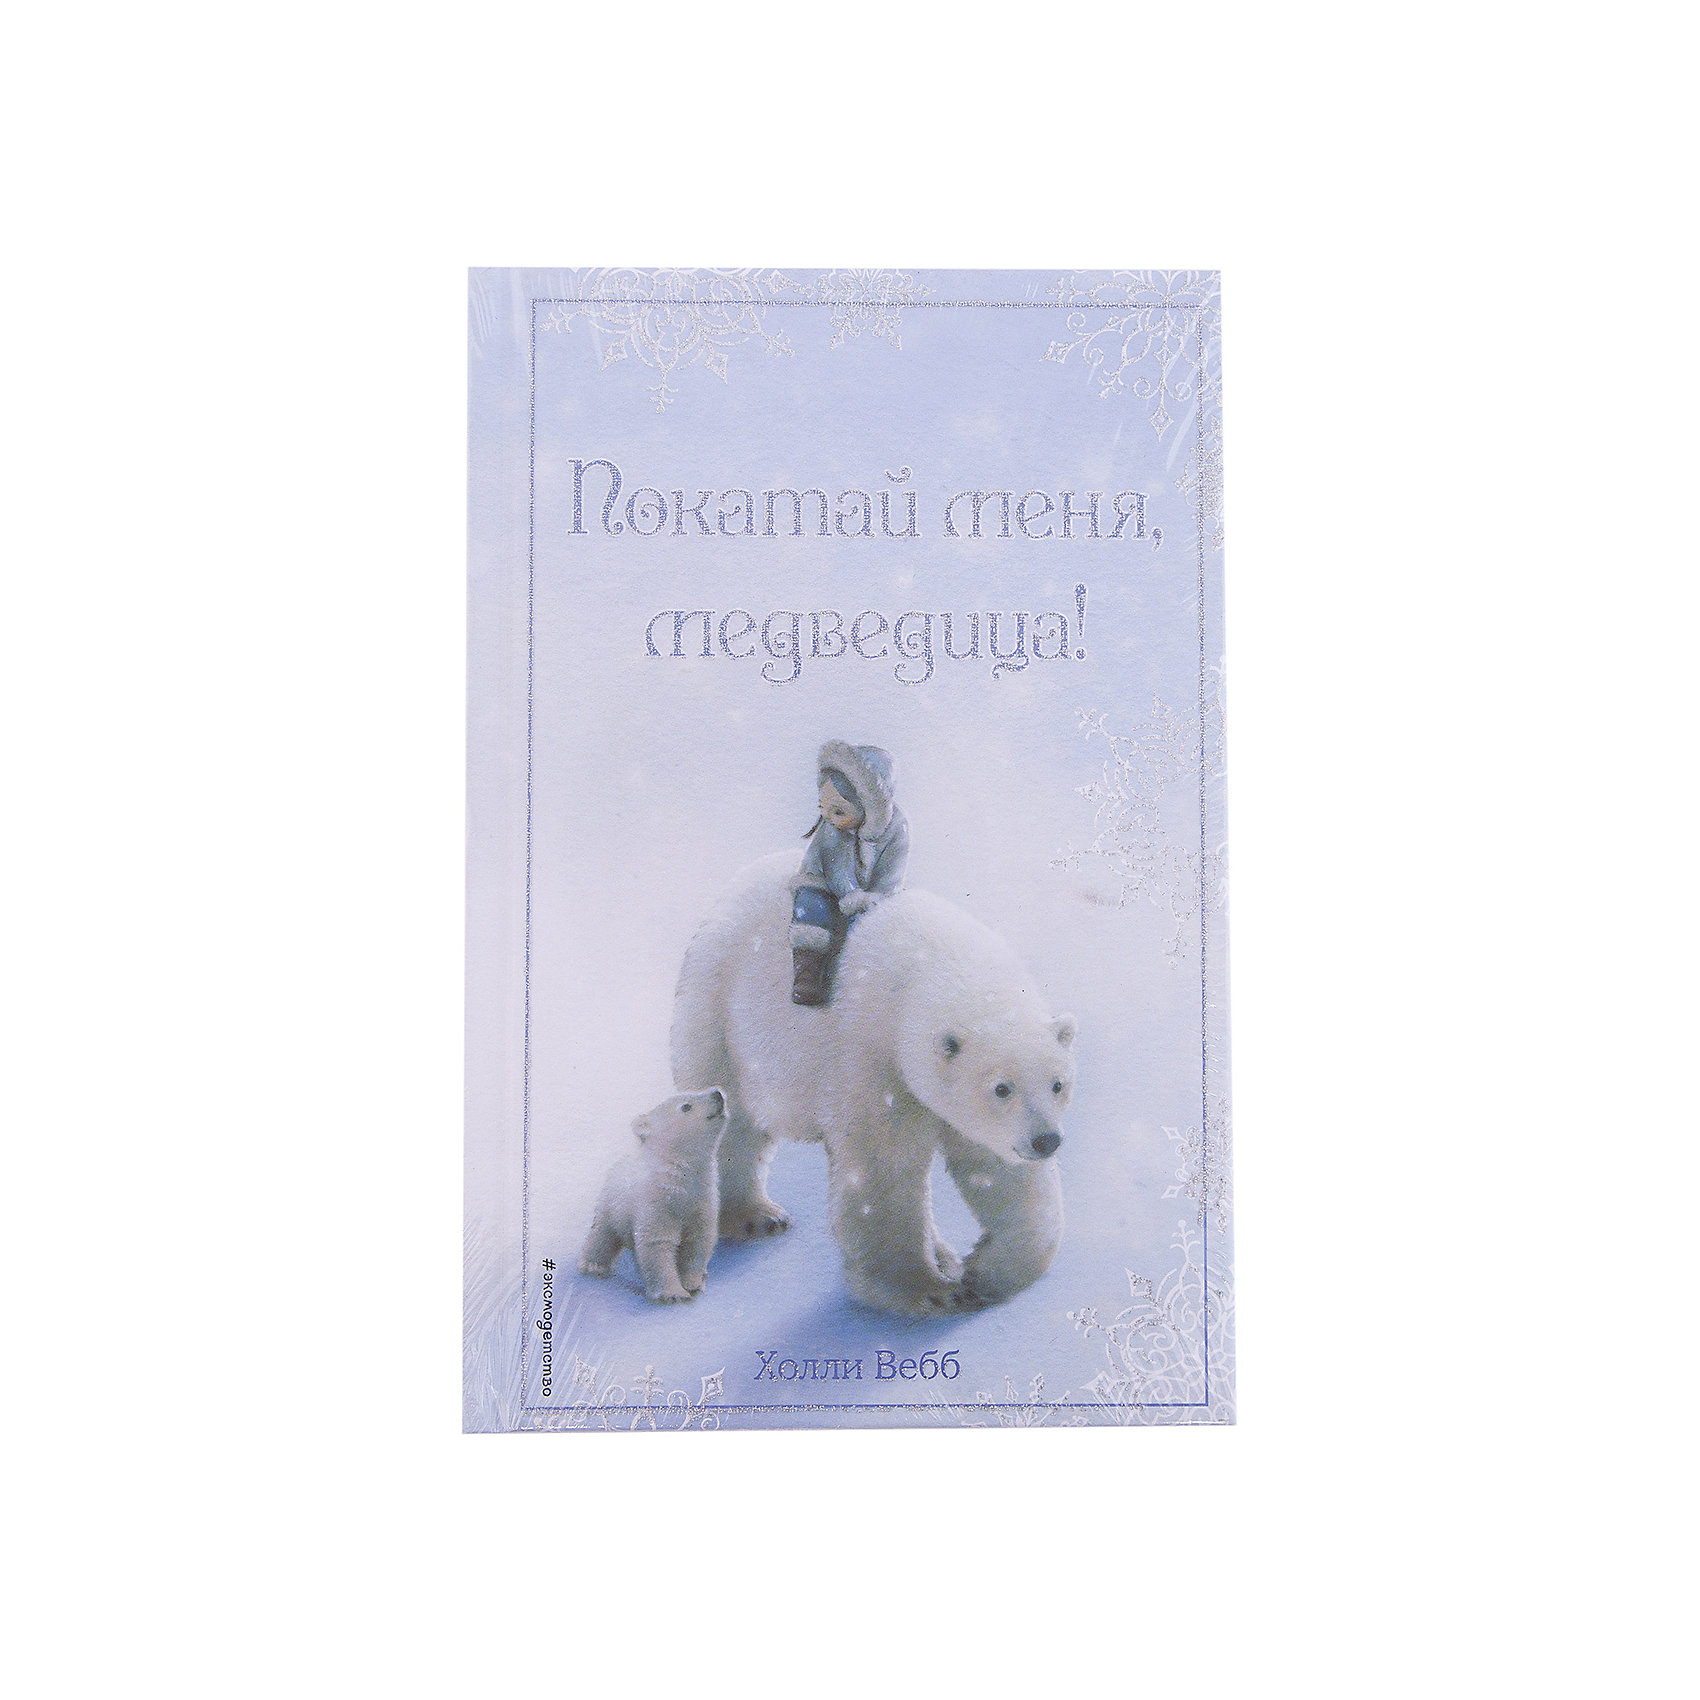 Рождественские истории: Покатай меня, медведица!Новогодние книги<br>Характеристики товара: <br><br>• ISBN: 9785699906093<br>• возраст от: 6 лет<br>• формат: 60x90/16<br>• бумага: офсет<br>• обложка: твердая<br>• иллюстрации: черно-белые<br>• серия: Добрые истории о зверятах. Мировой бестселлер<br>• издательство: Эксмо<br>• автор: Вебб Холли<br>• художник: Вильямс Софи<br>• переводчик: Покидаева Т. Ю.<br>• количество страниц: 208<br>• размеры: 14x21 см<br><br>«Рождественские истории: Покатай меня, медведица!» - это увлекательная история о приключениях, которая поможет научить ребенка доброте и состраданию.<br><br>Отличное качество издания, удобный формат, доступный язык - всё это поможет ребенку прочитать книгу с удовольствием. <br><br>Книгу «Рождественские истории: Покатай меня, медведица!» можно купить в нашем интернет-магазине.<br><br>Ширина мм: 212<br>Глубина мм: 138<br>Высота мм: 160<br>Вес г: 389<br>Возраст от месяцев: 84<br>Возраст до месяцев: 2147483647<br>Пол: Унисекс<br>Возраст: Детский<br>SKU: 5535487